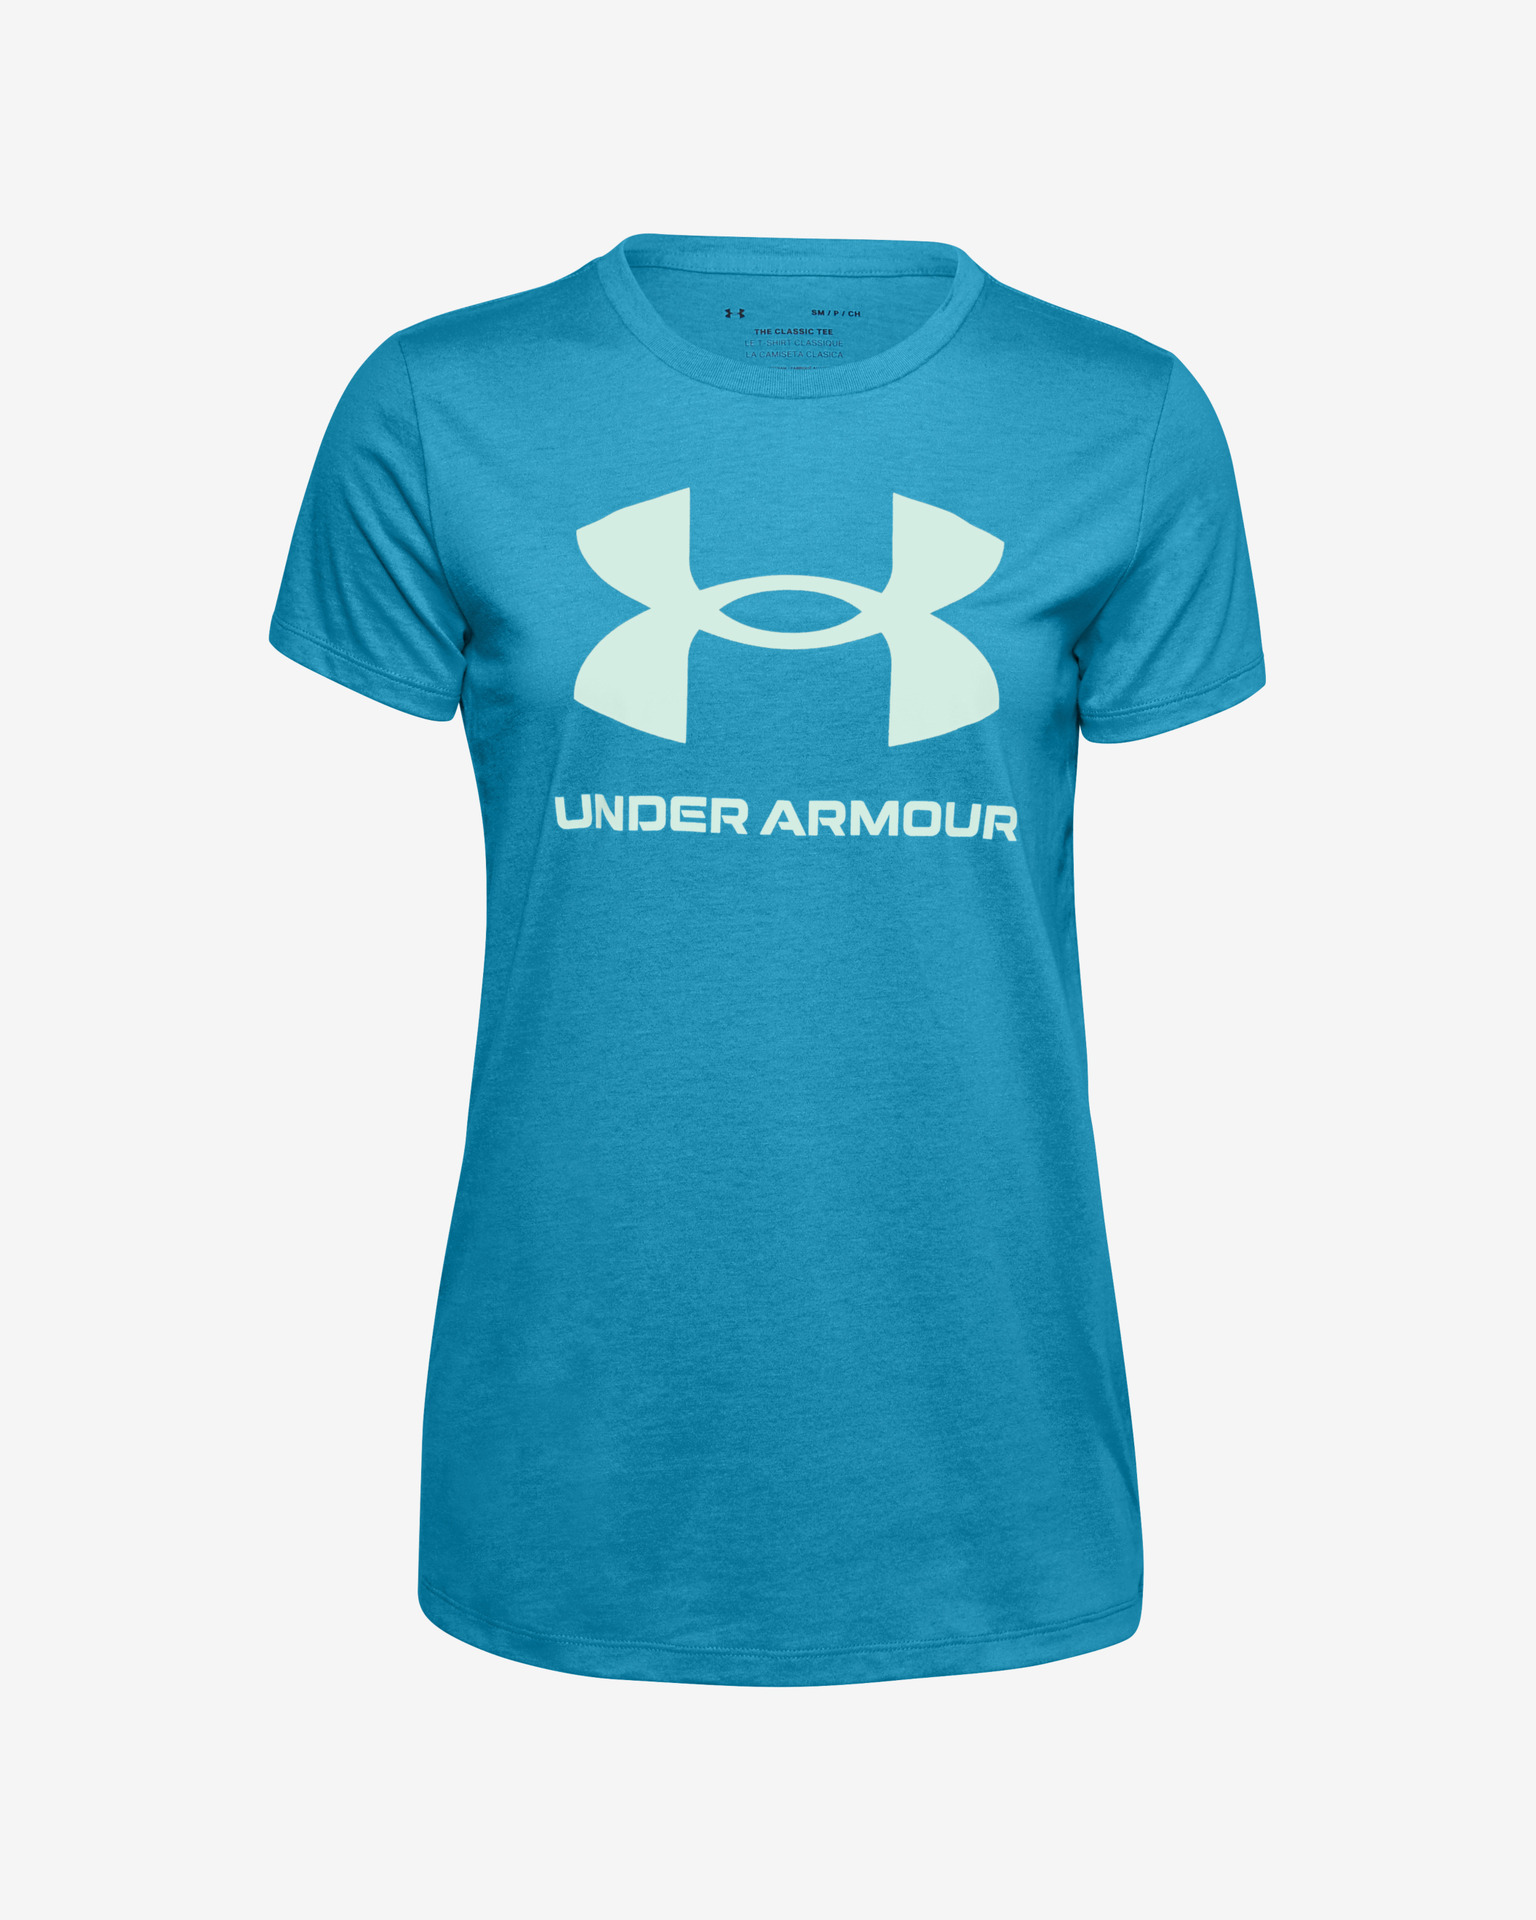 Mala suerte Sofocante por favor no lo hagas  Under Armour - Live Sportstyle Graphic T-shirt Bibloo.com